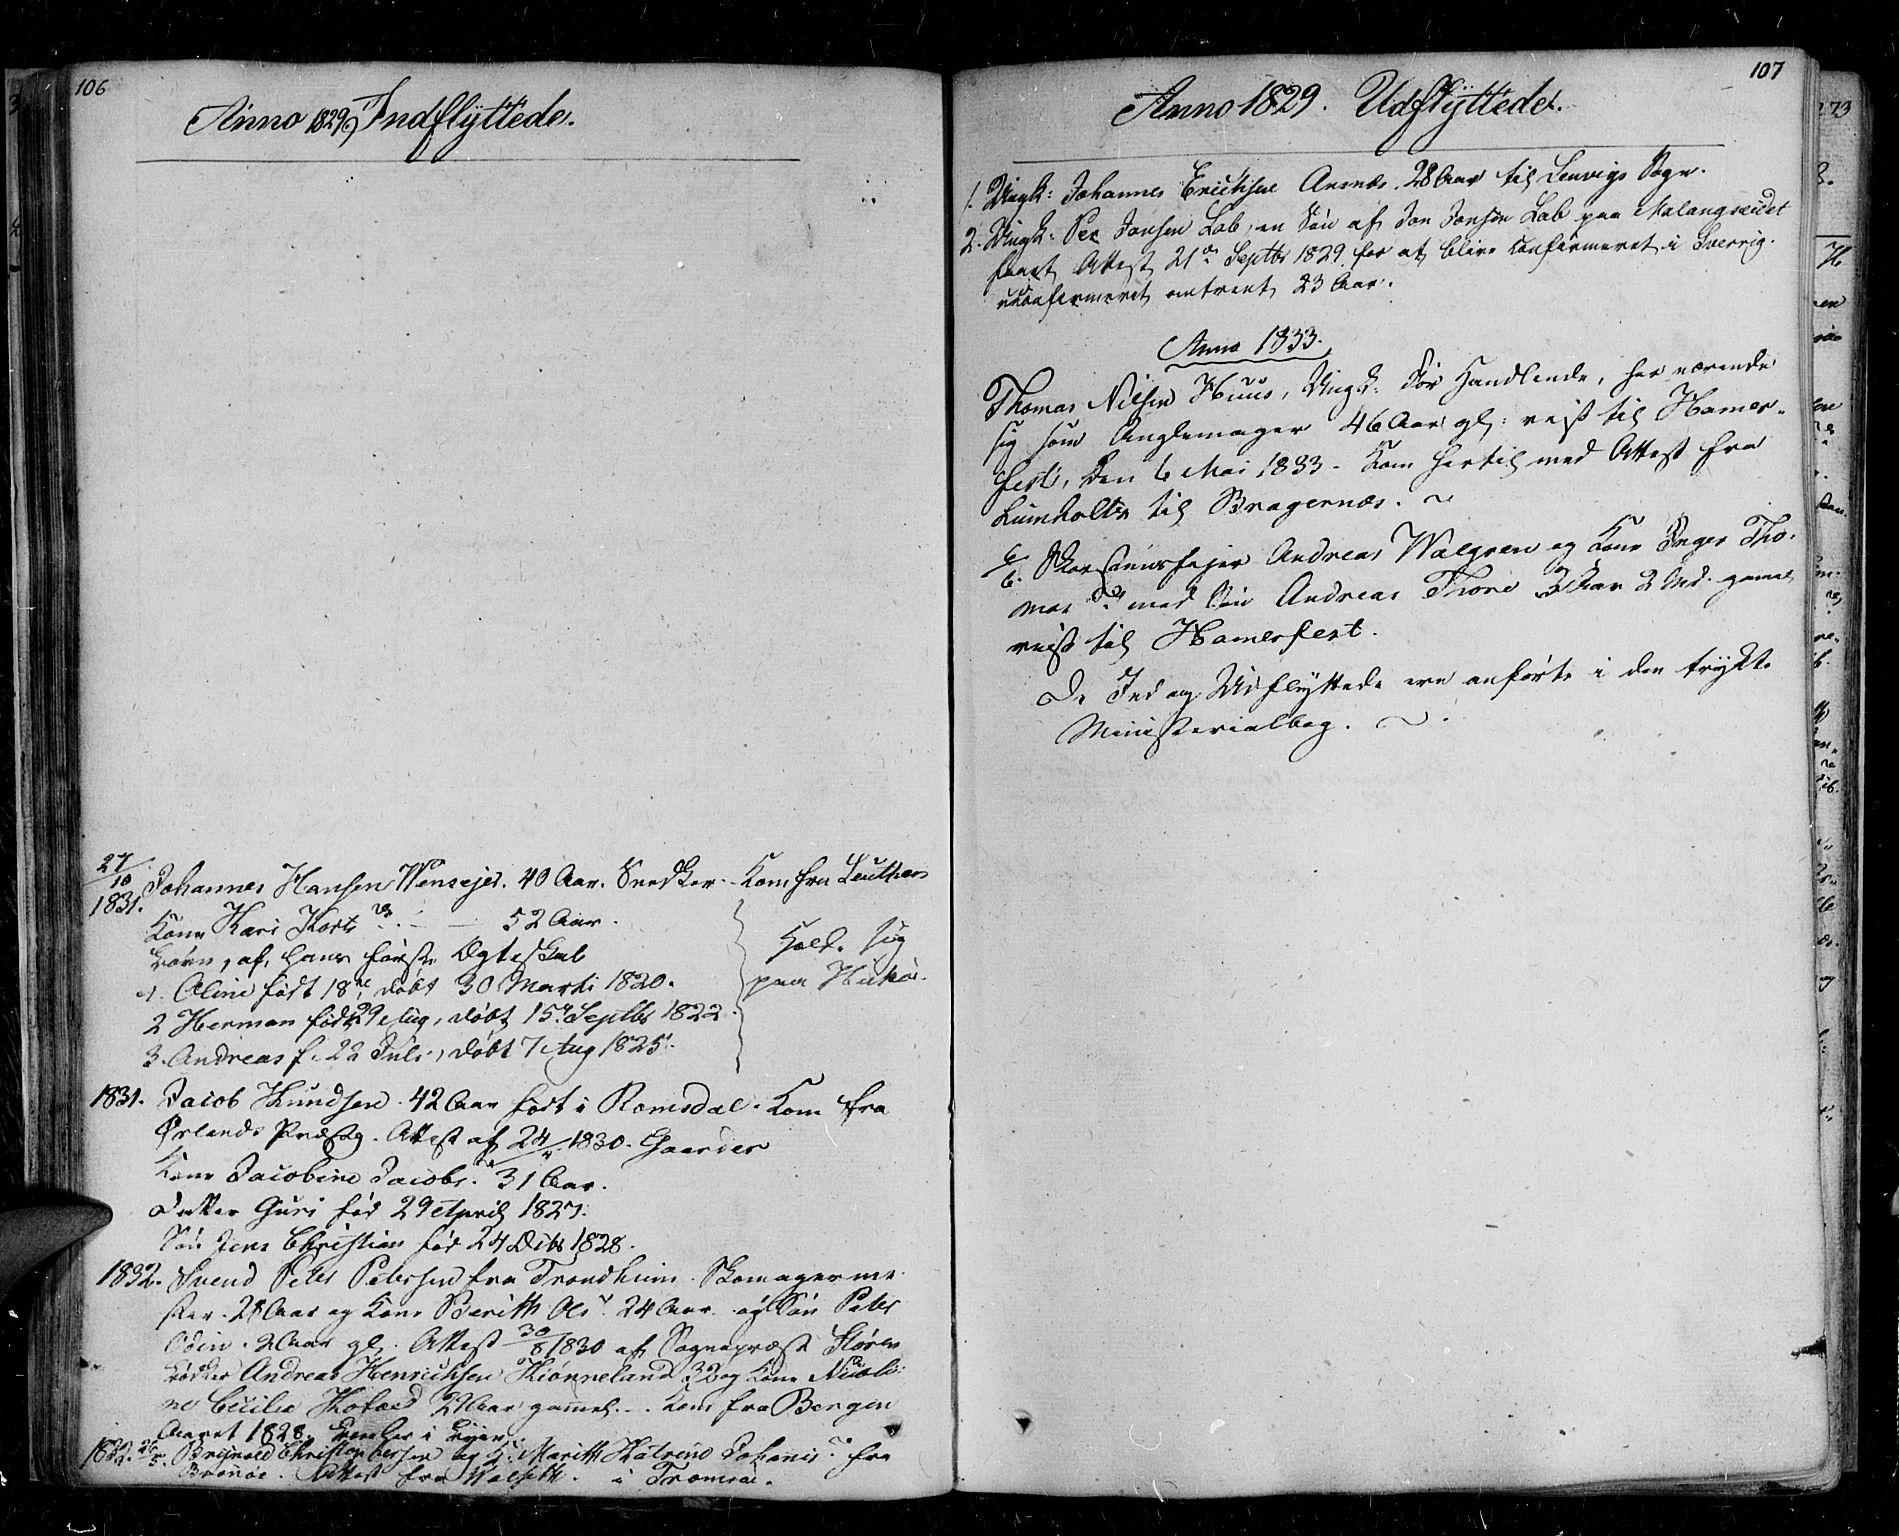 SATØ, Tromsø sokneprestkontor/stiftsprosti/domprosti, G/Ga/L0008kirke: Ministerialbok nr. 8, 1829-1837, s. 106-107